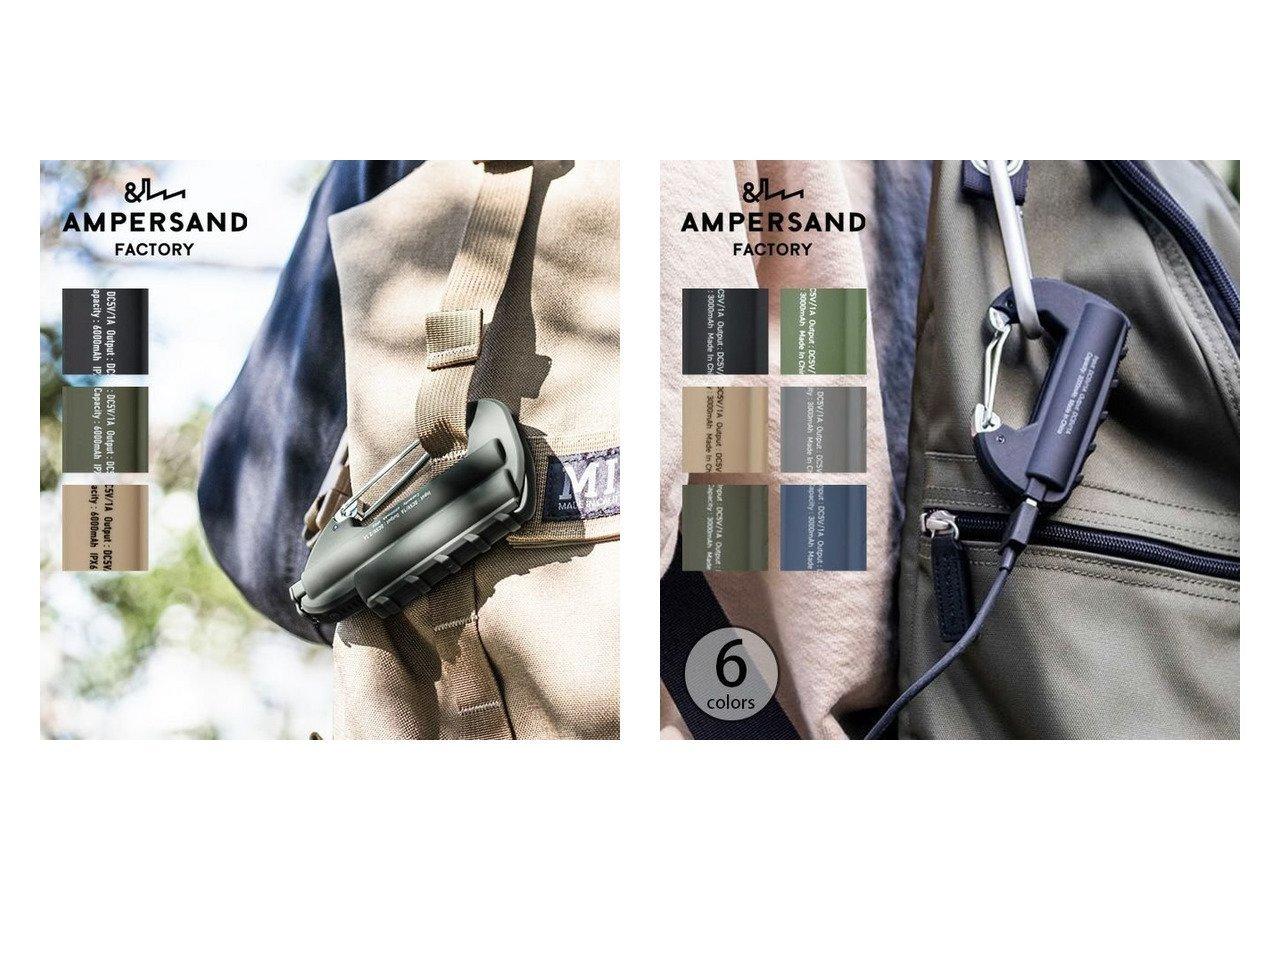 【AMPERSAND FACTORY/アンパサンドファクトリー】のカラビナバッテリー&カラビナバッテリーダブル おすすめ!人気キャンプ・アウトドア用品の通販 おすすめで人気の流行・トレンド、ファッションの通販商品 インテリア・家具・メンズファッション・キッズファッション・レディースファッション・服の通販 founy(ファニー) https://founy.com/ アウトドア キャップ スタイリッシュ ダブル ラバー リュック ループ ホーム・キャンプ・アウトドア Home,Garden,Outdoor,Camping Gear キャンプ用品・アウトドア  Camping Gear & Outdoor Supplies バッテリー 充電ケーブル Battery, Charging |ID:crp329100000063833